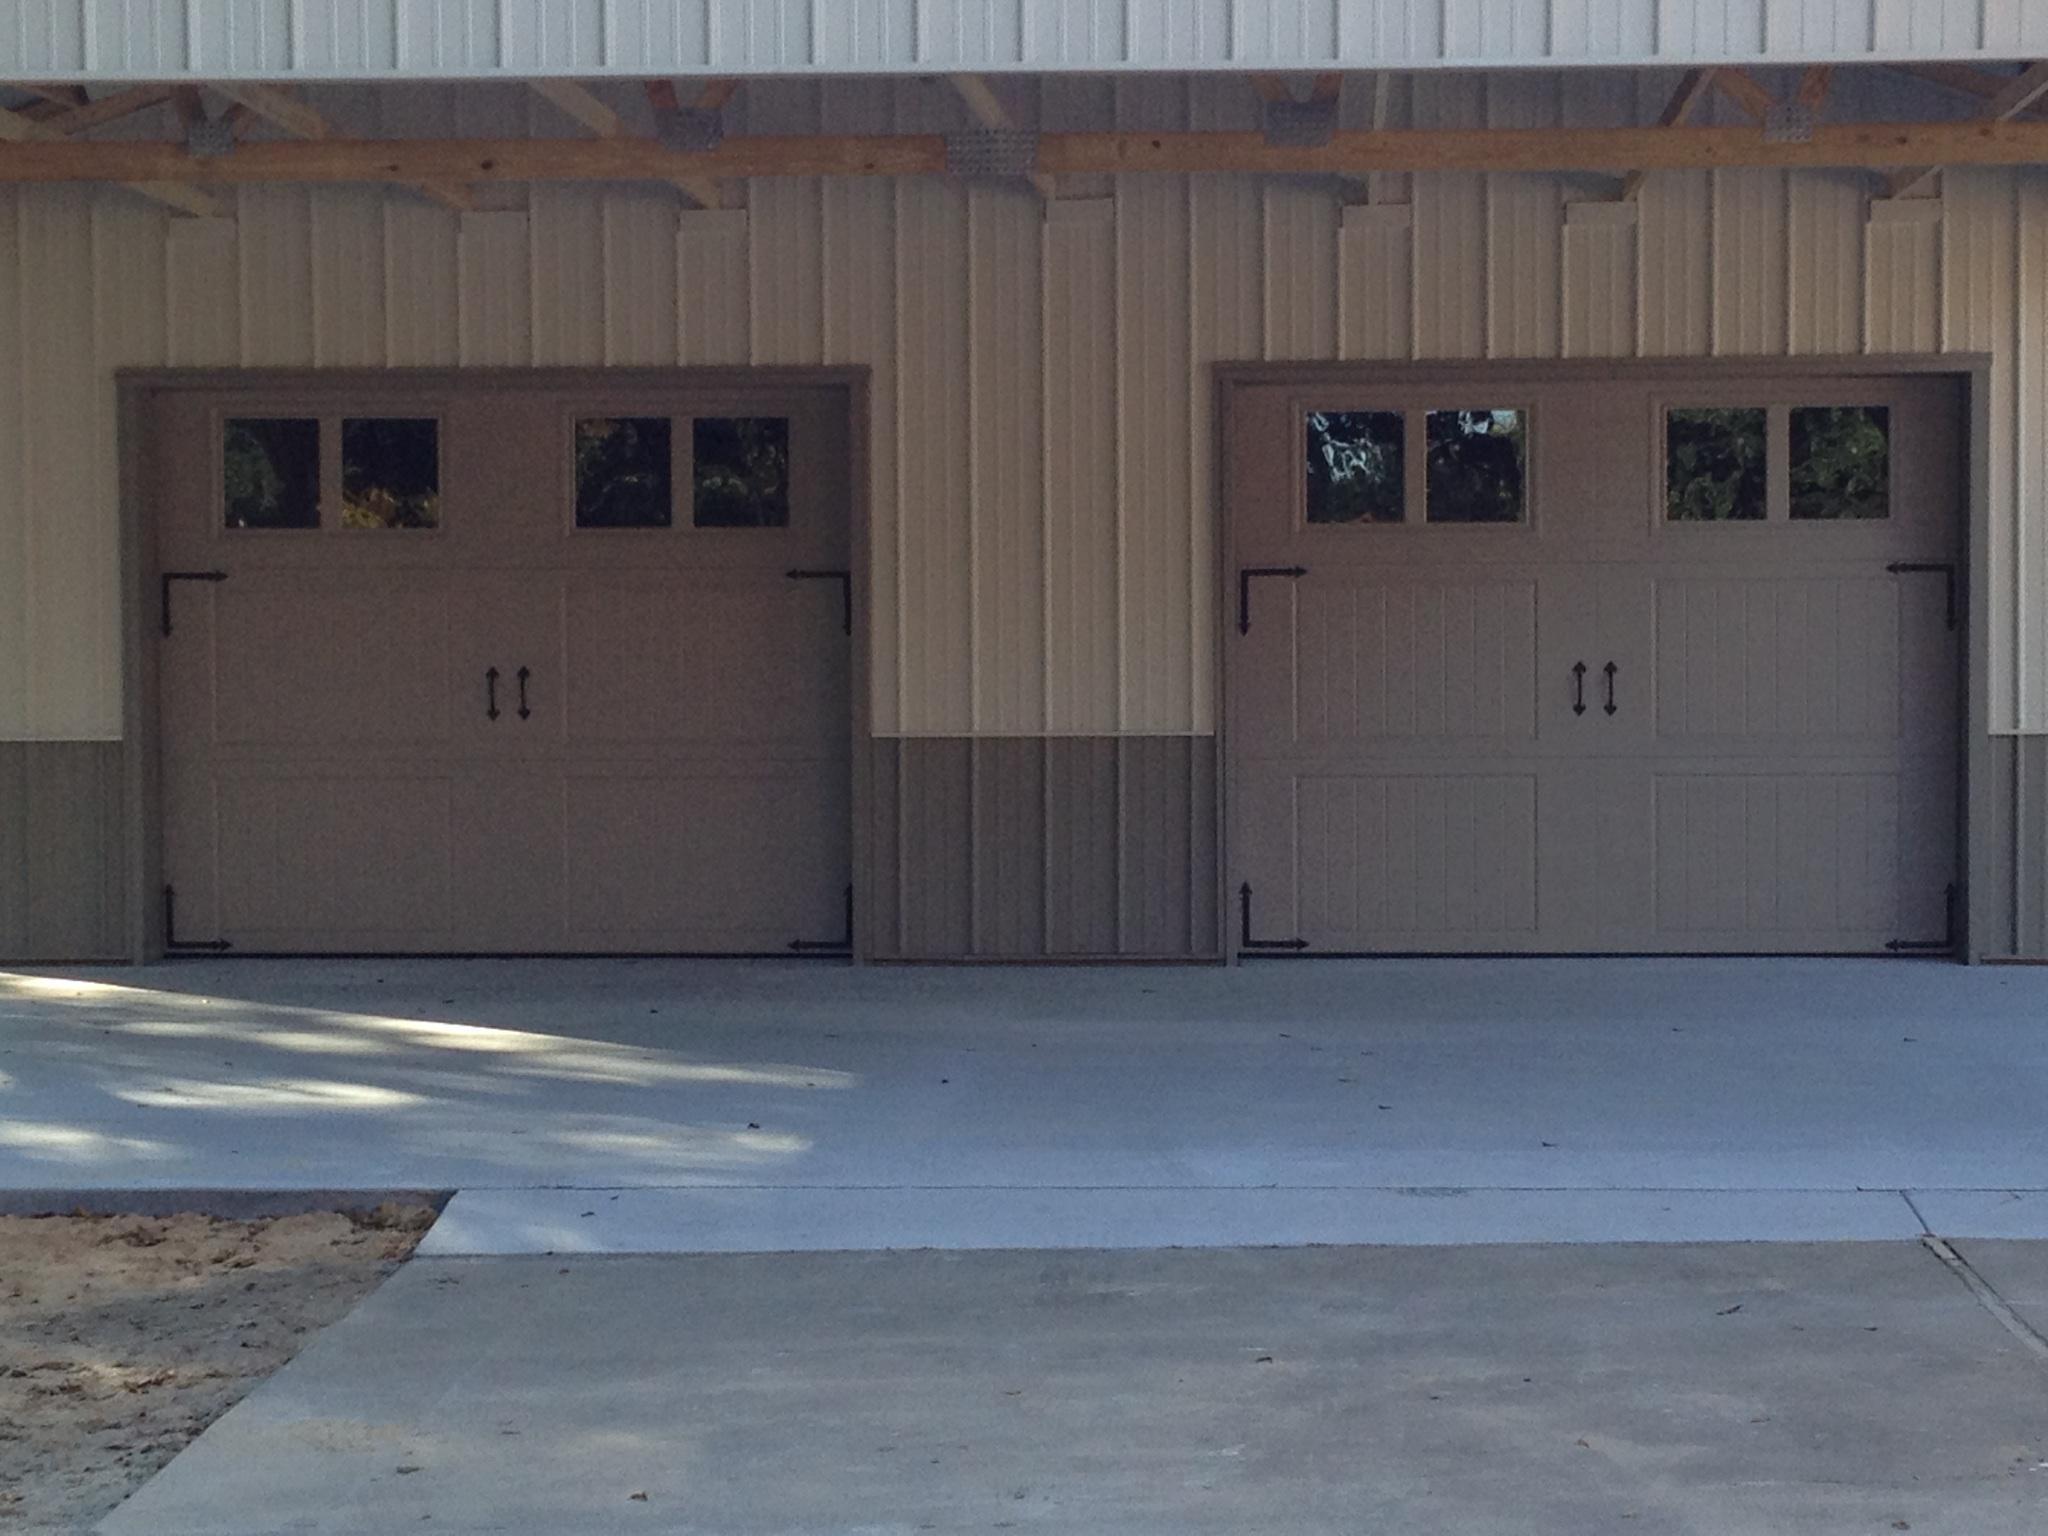 ... steel service doors fire-rated doors loading dock doors and more \u2013 at K.T.M. Door Control we\u0027re ready to repair and install your commercial door. & Commercial Photo Gallery \u2013 KTM Door Control \u2013 the best garage door ...